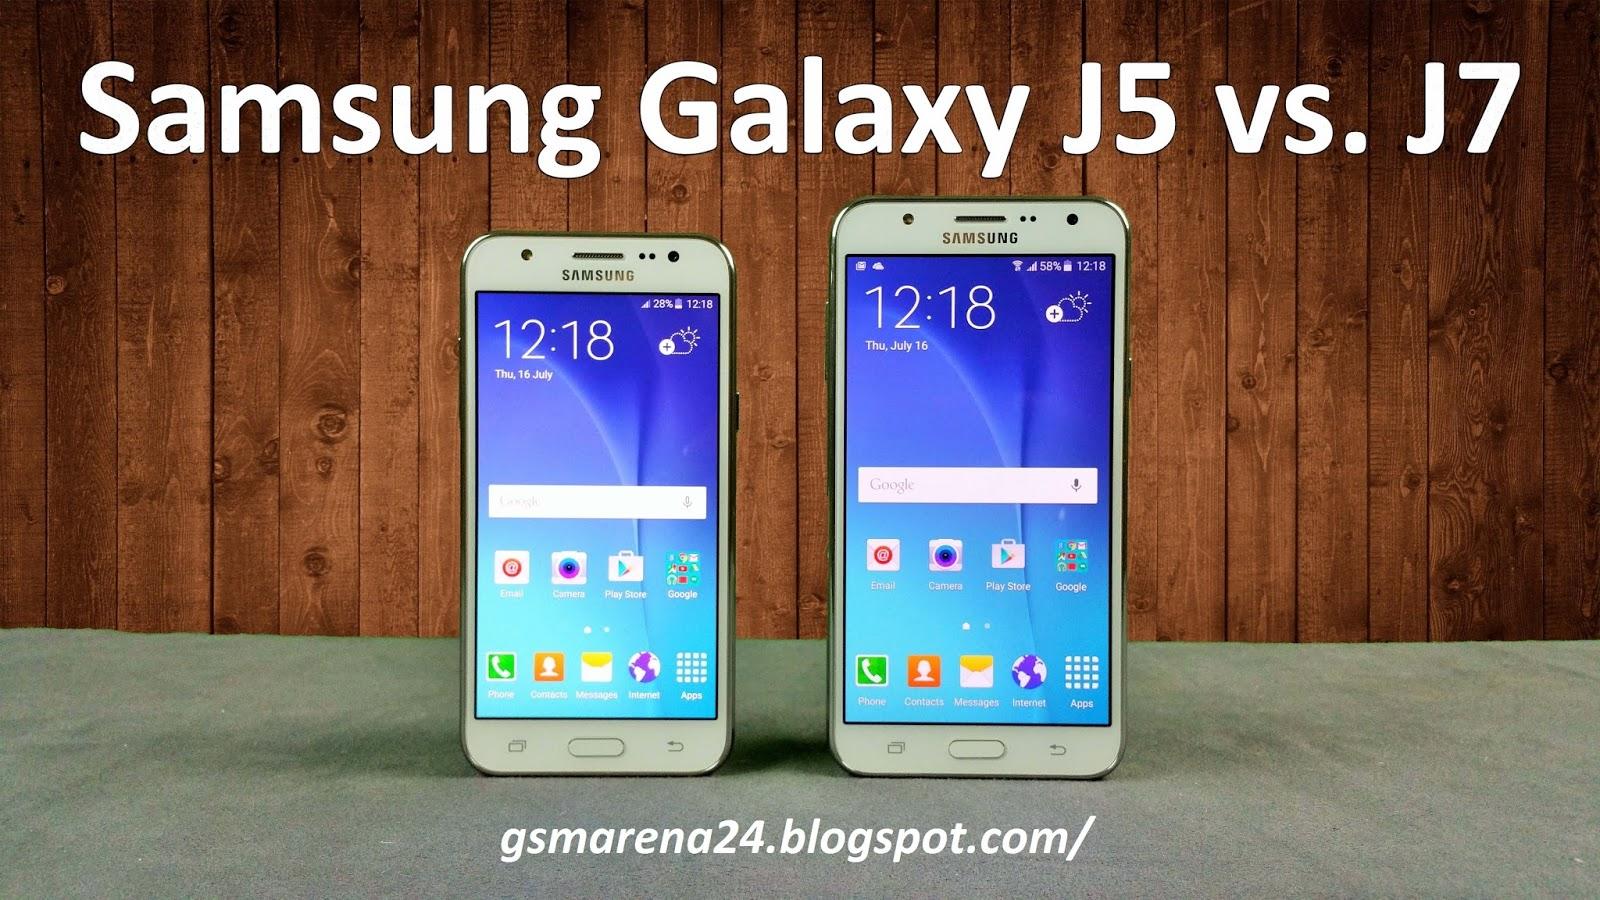 samsung_usb_driver_for_mobile_phones_v1.5.51.0.exe download